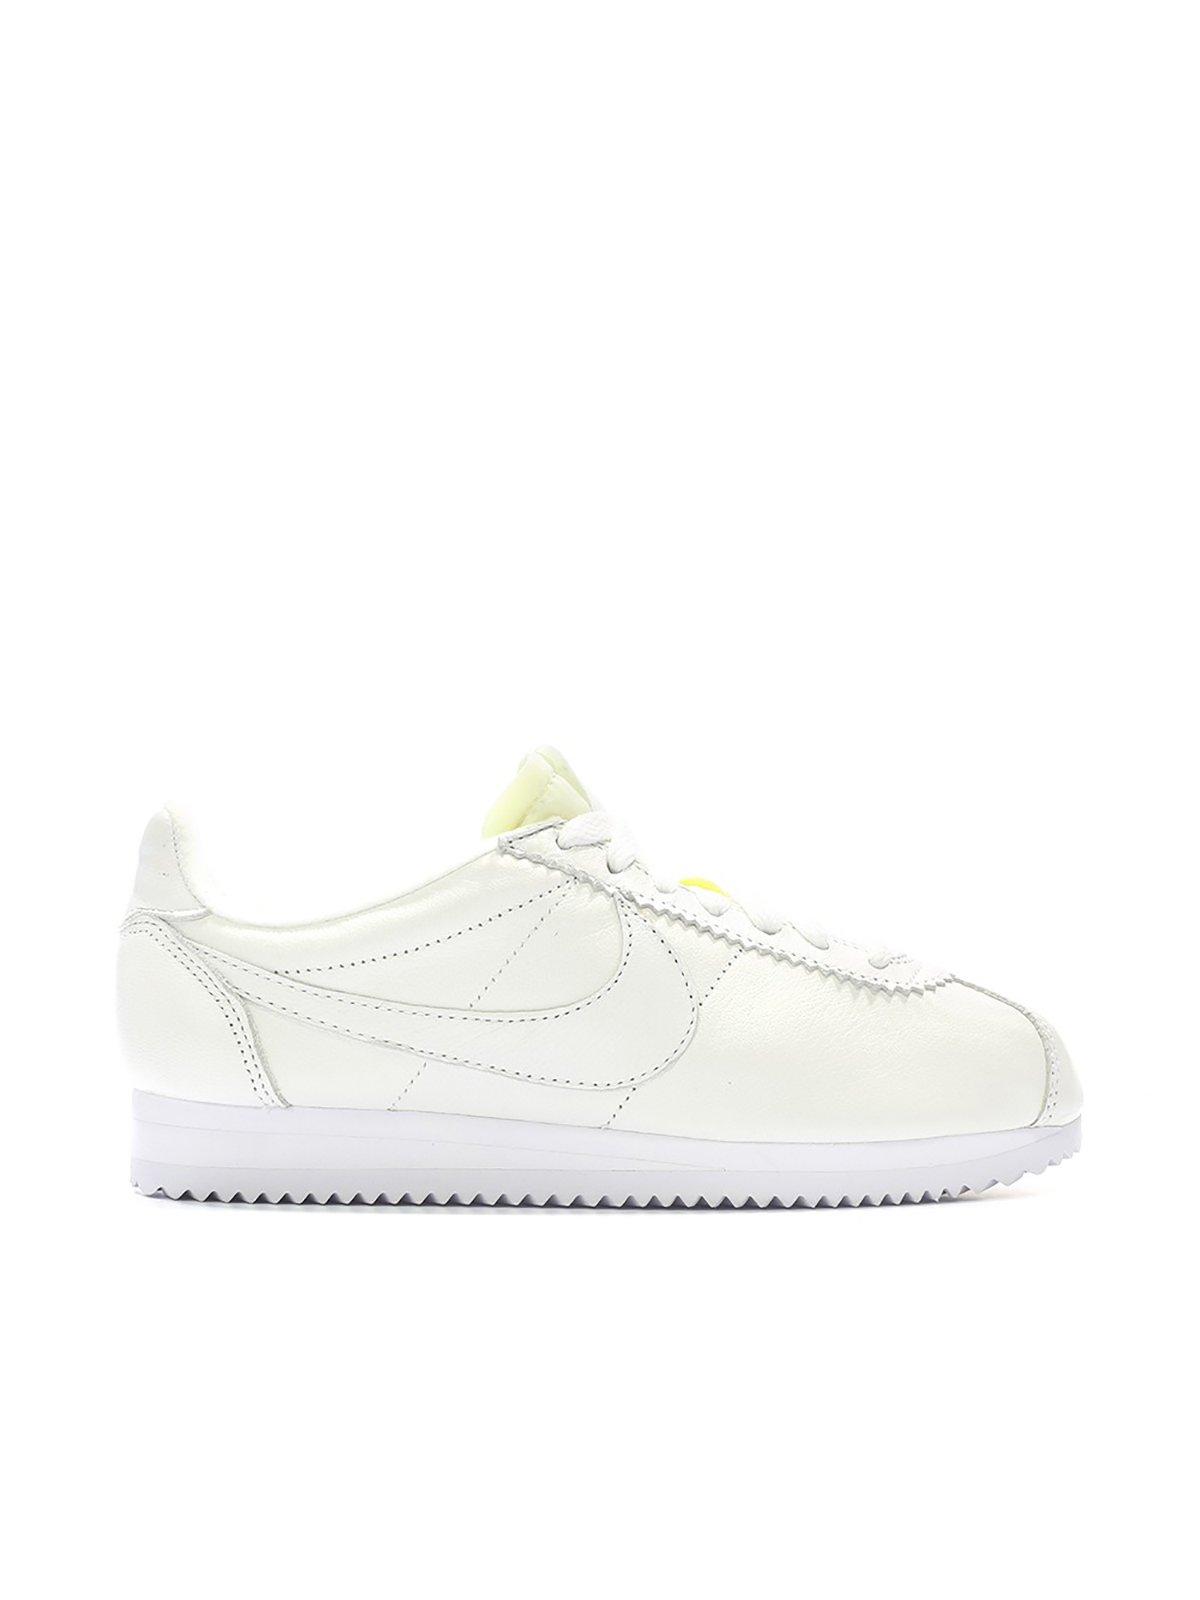 Кросівки білі Classic Cortez Leather PRM | 3342957